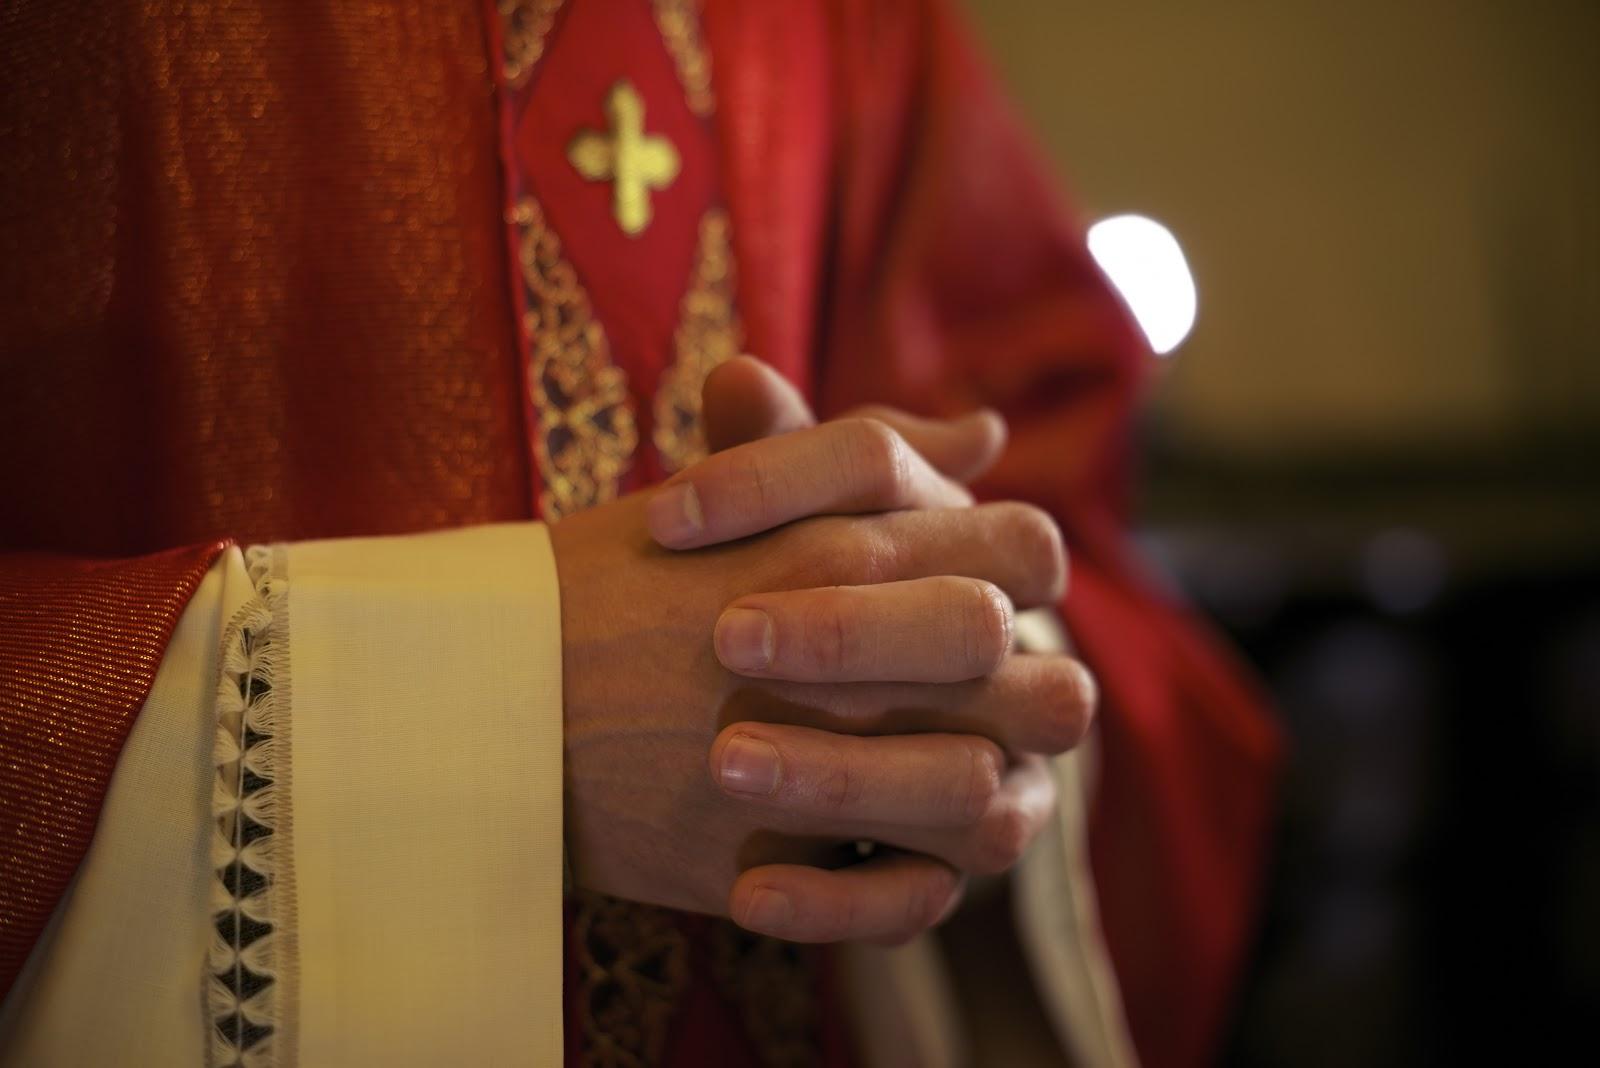 Szaty liturgiczne w kościele katolickim